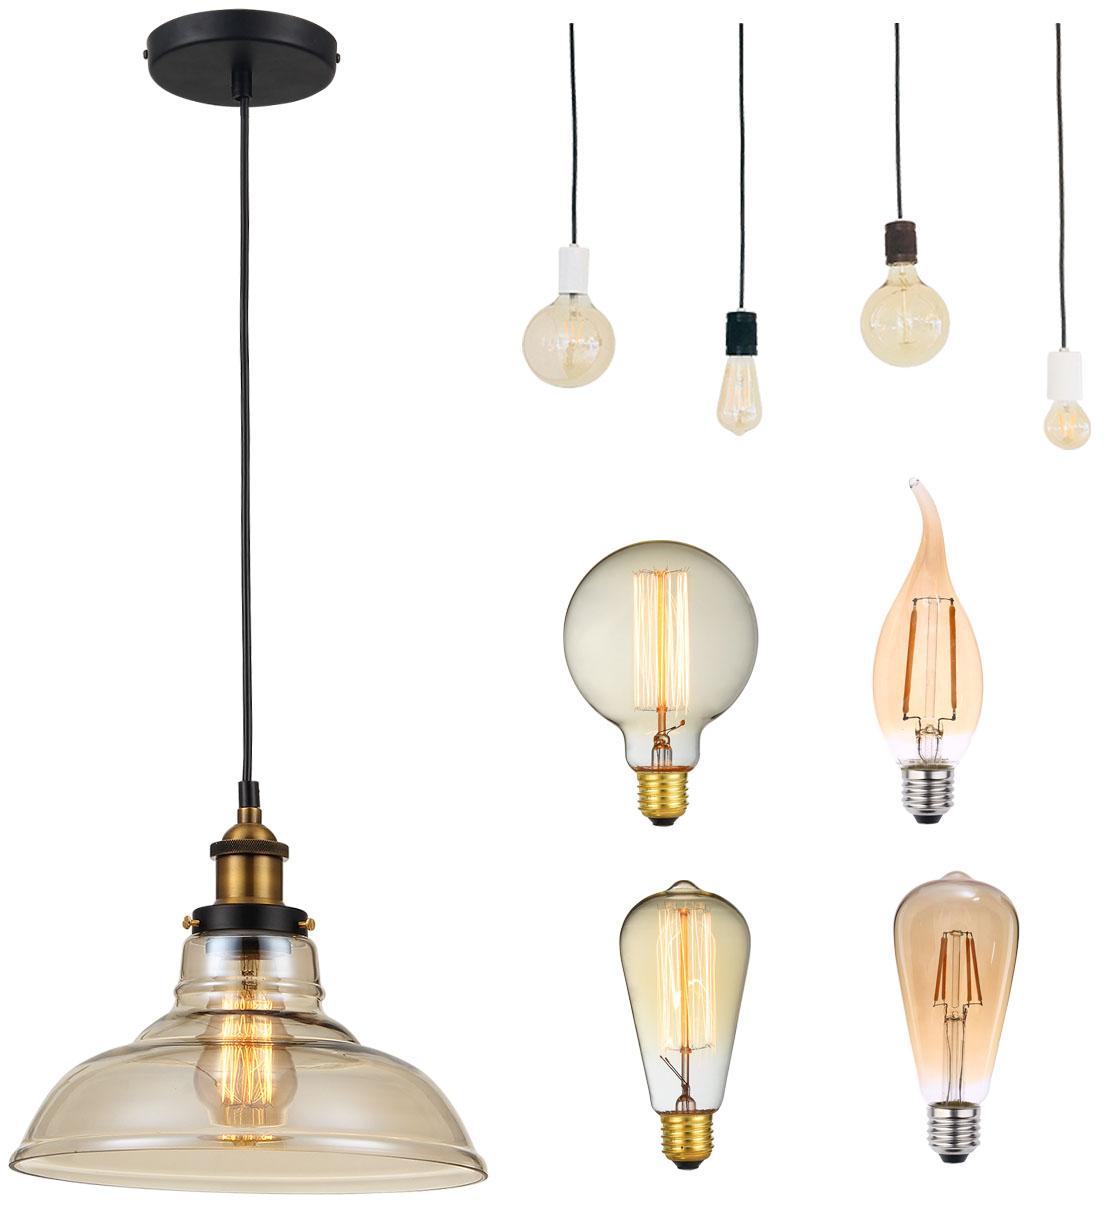 Lâmpadas e pendentes em estilo retrô chegam ao mix da Blumenau Iluminação